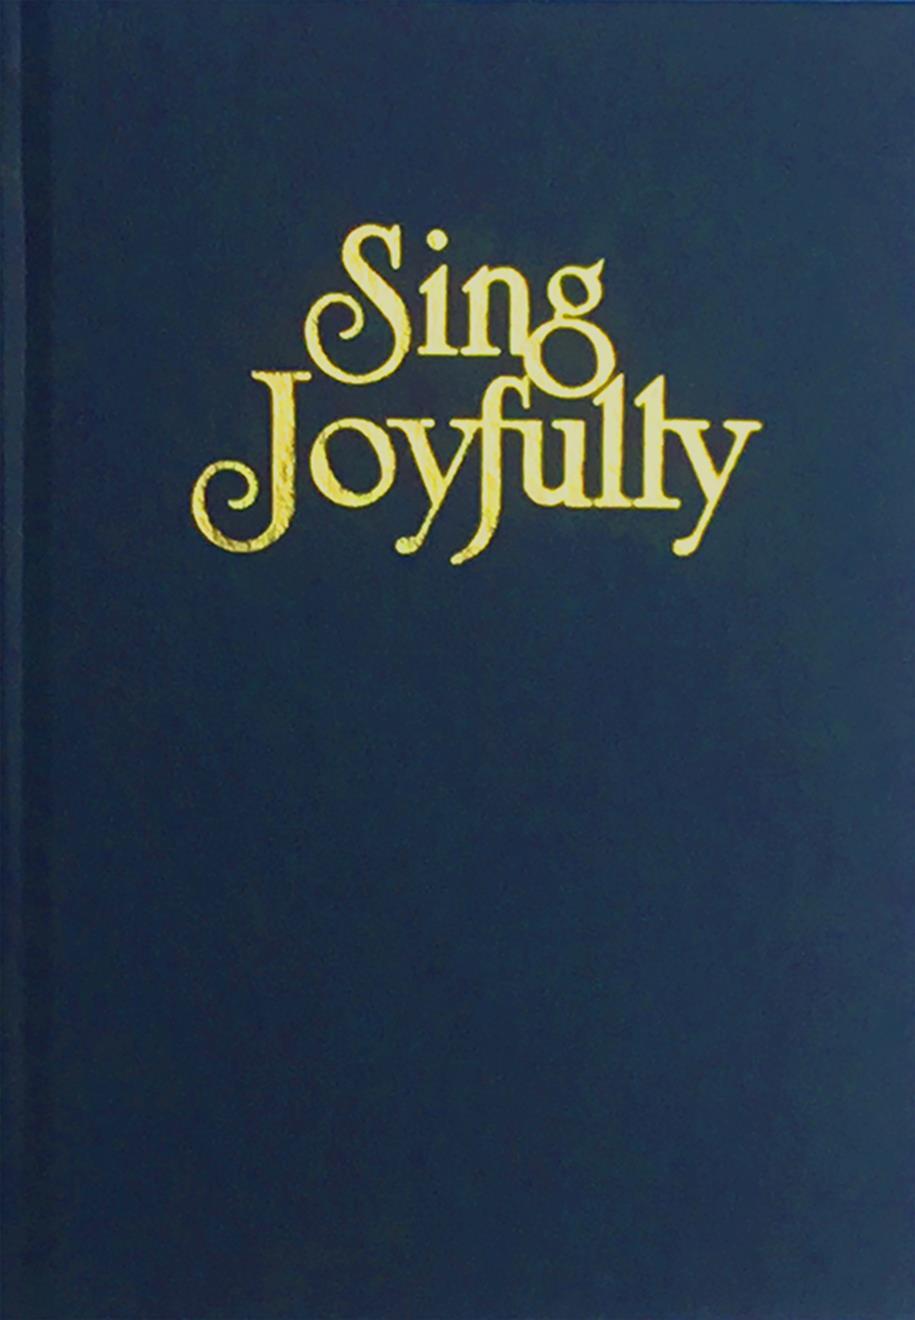 Sing Joyfully - Blue Cover Image